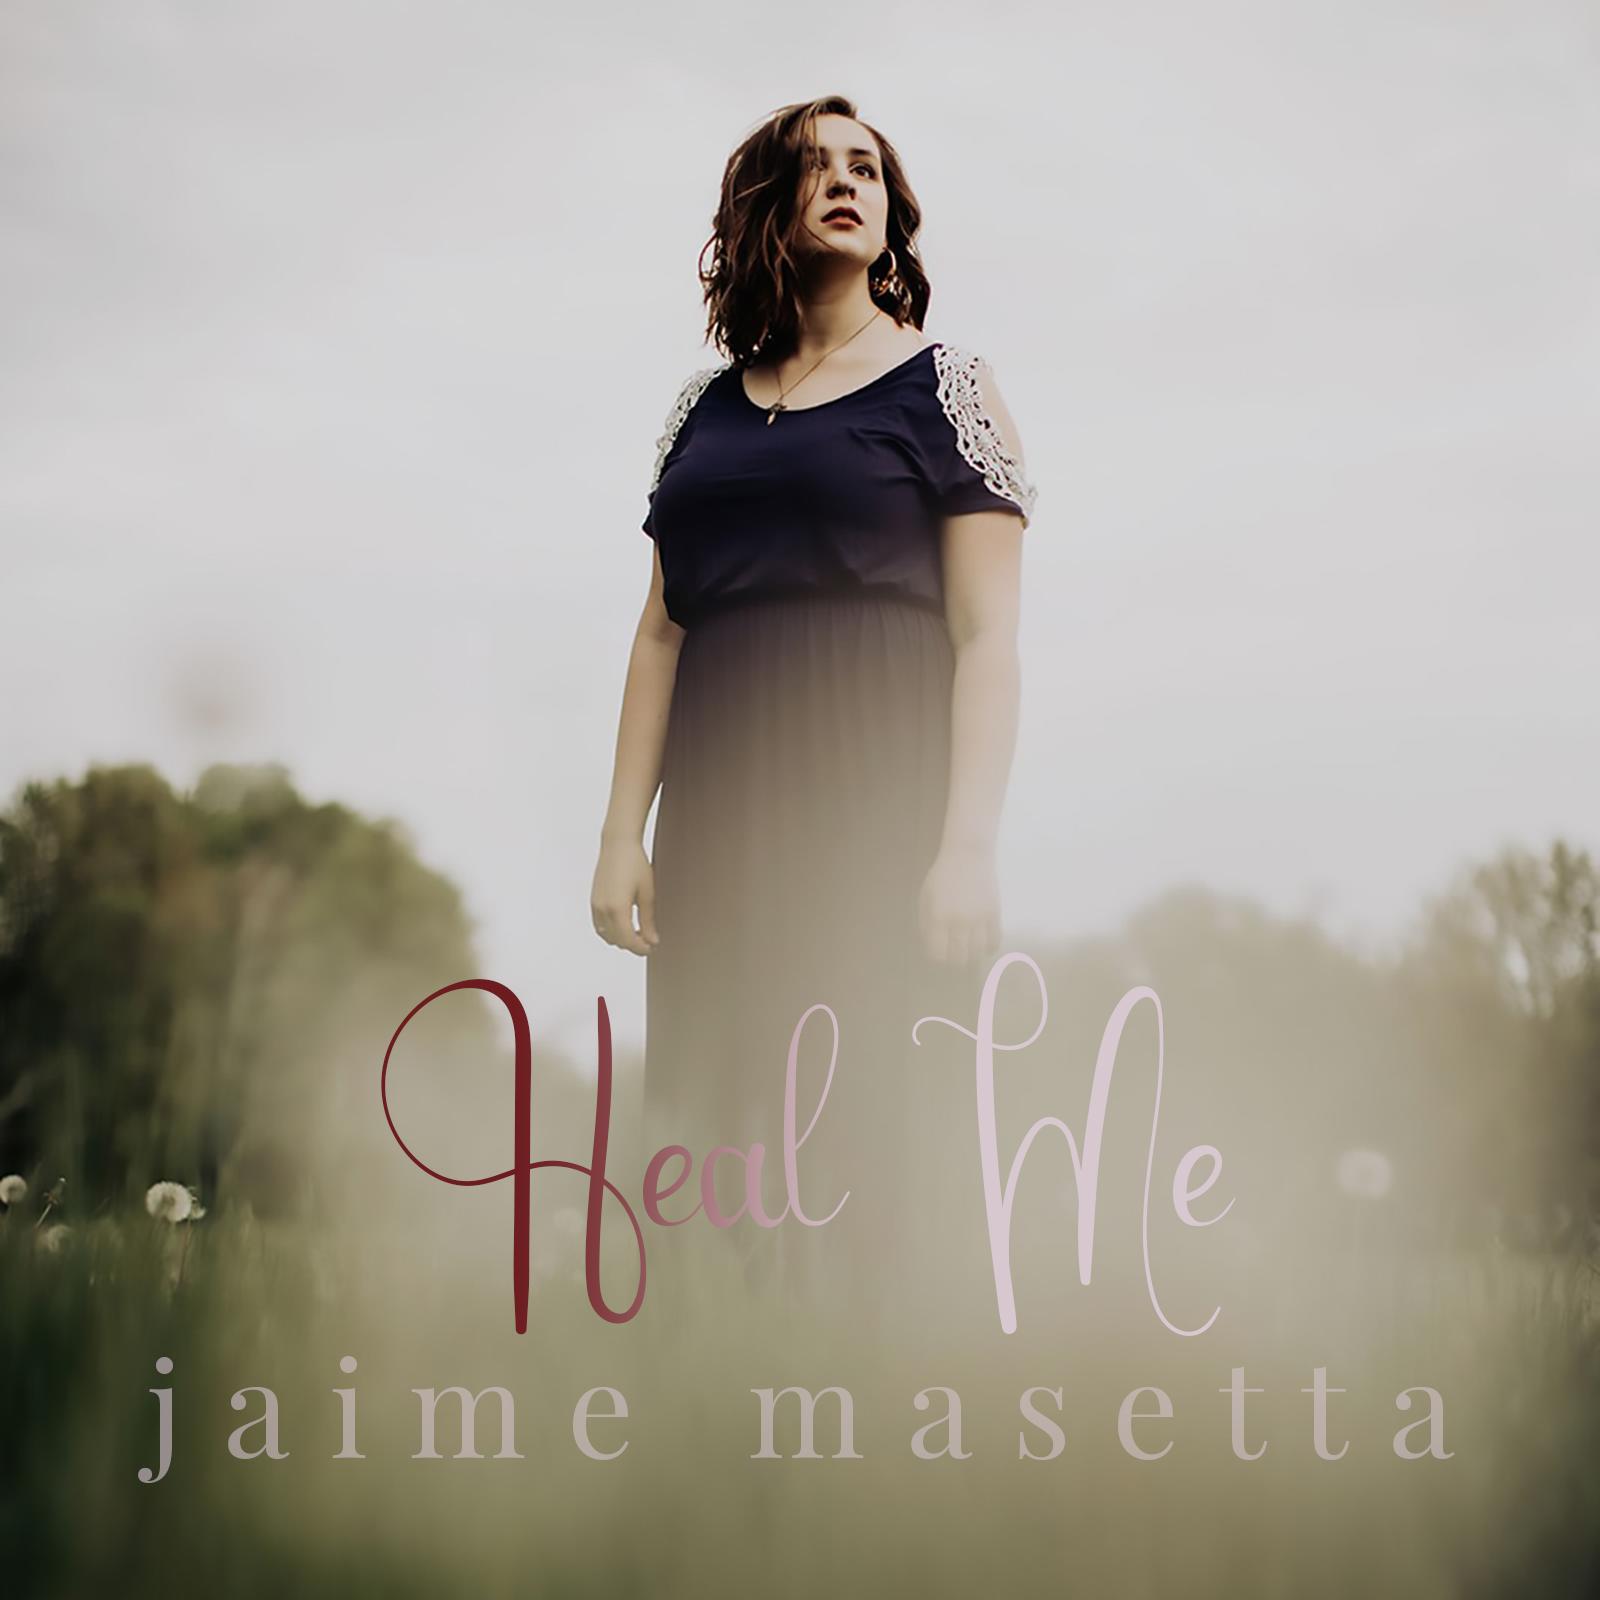 Heal Me (single) – Jaime Masetta